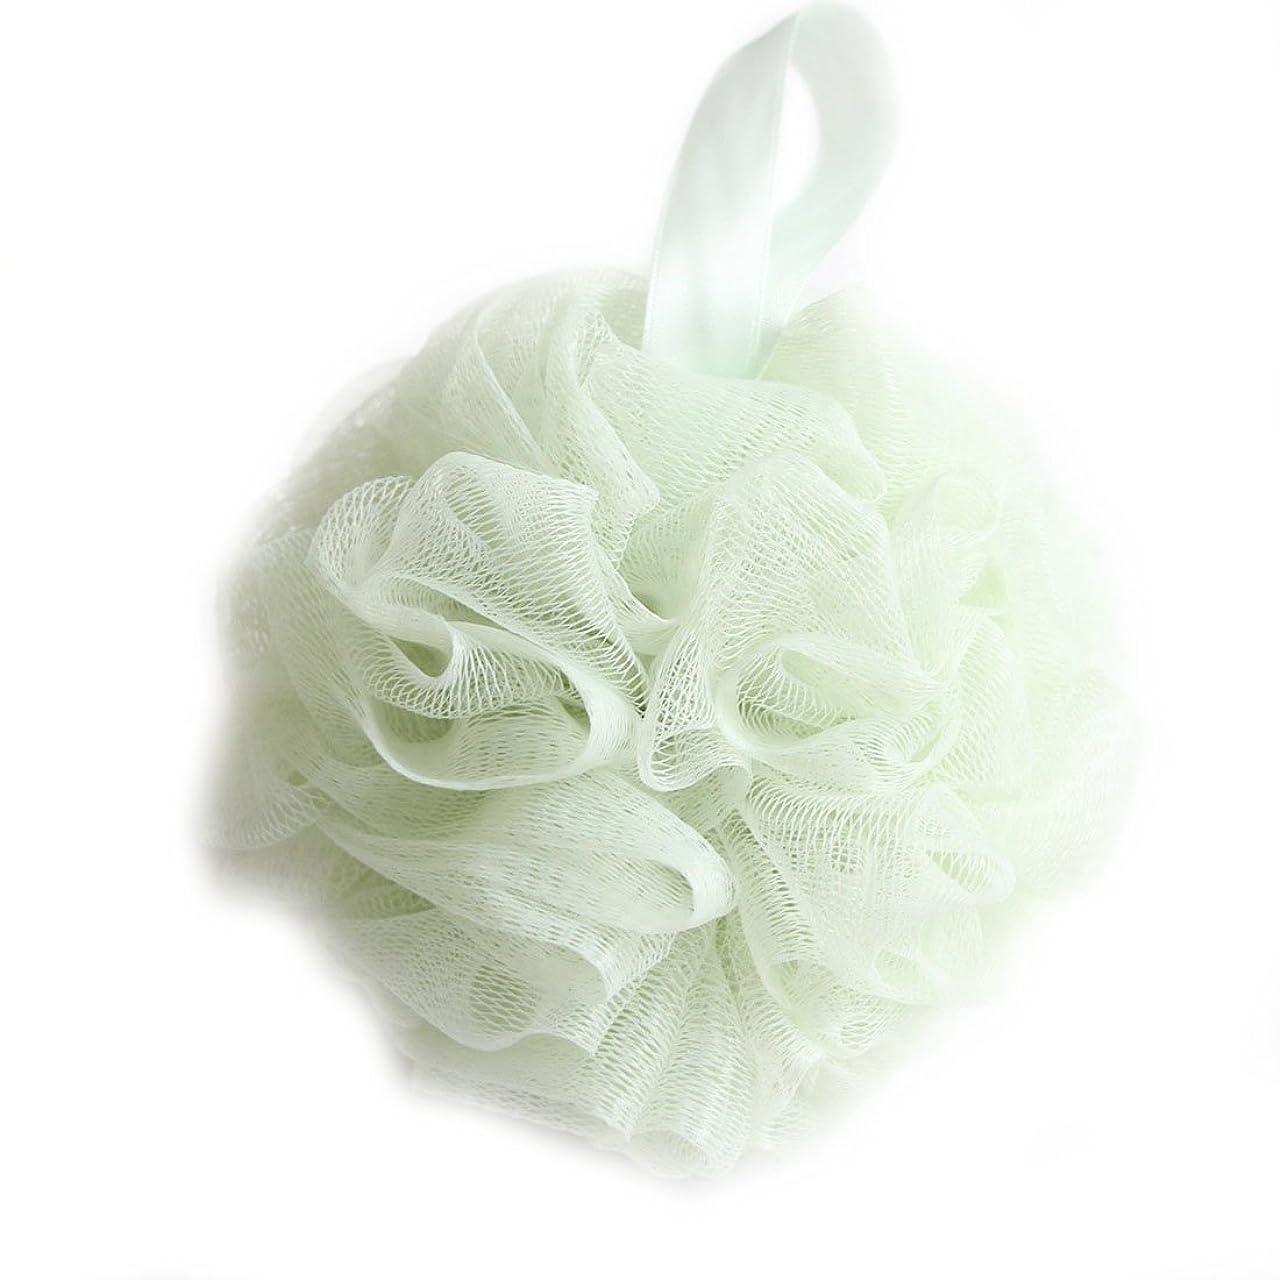 削減エステート雄弁家バスボール 泡立てネット 花形 タオル 超柔軟 つるつる ボディ用お風呂ボール ボディウォッシュボール シャワー用 崩れない 4種類の色選択 LissomPlume